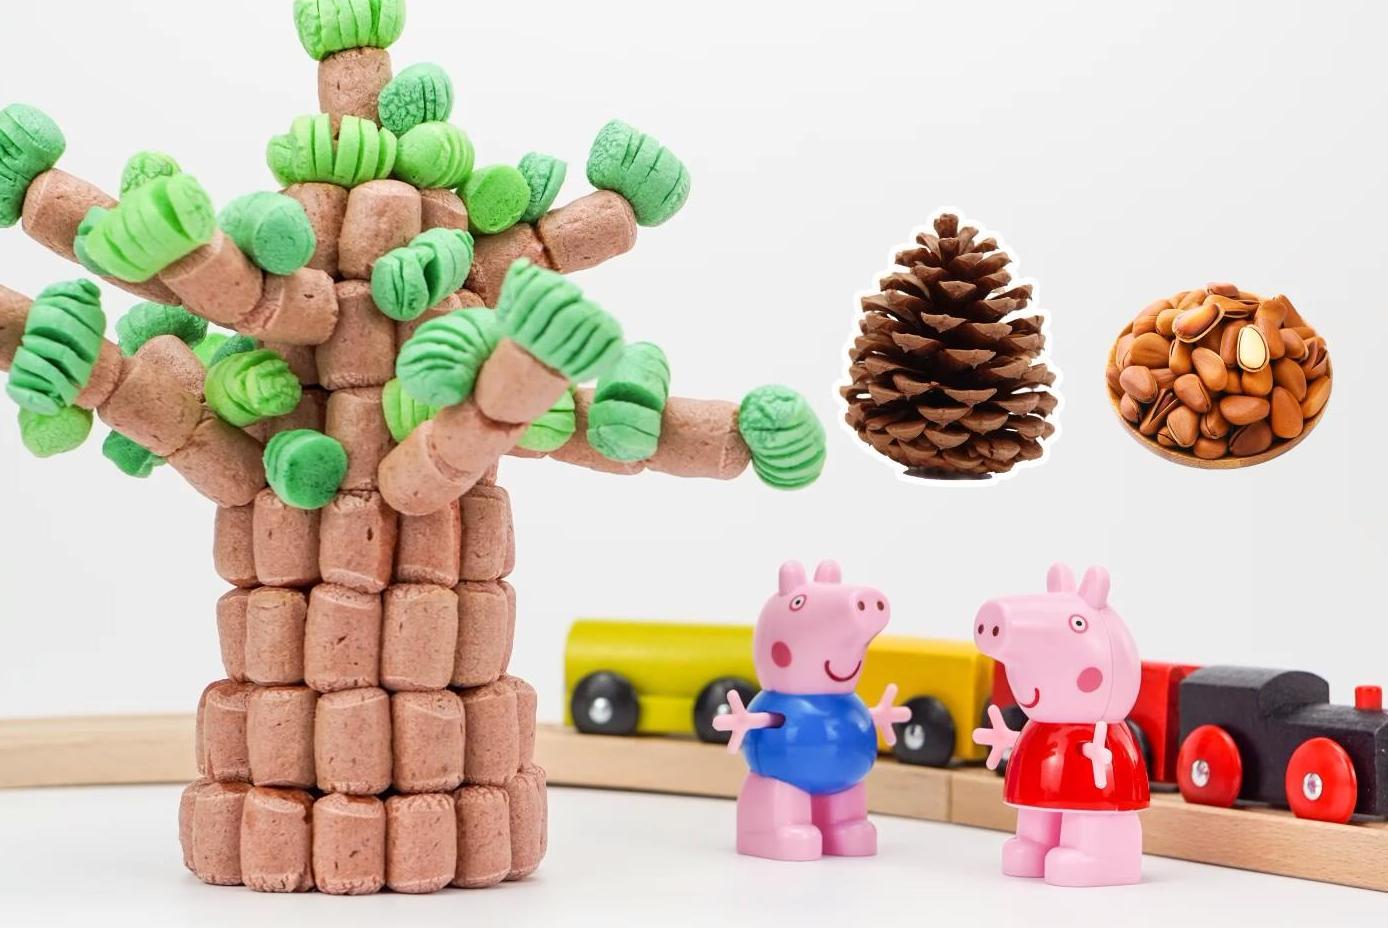 猴猴玩实验室:百变磁力片之松鼠 亲子游戏 儿童玩具 手工diy 早教益智